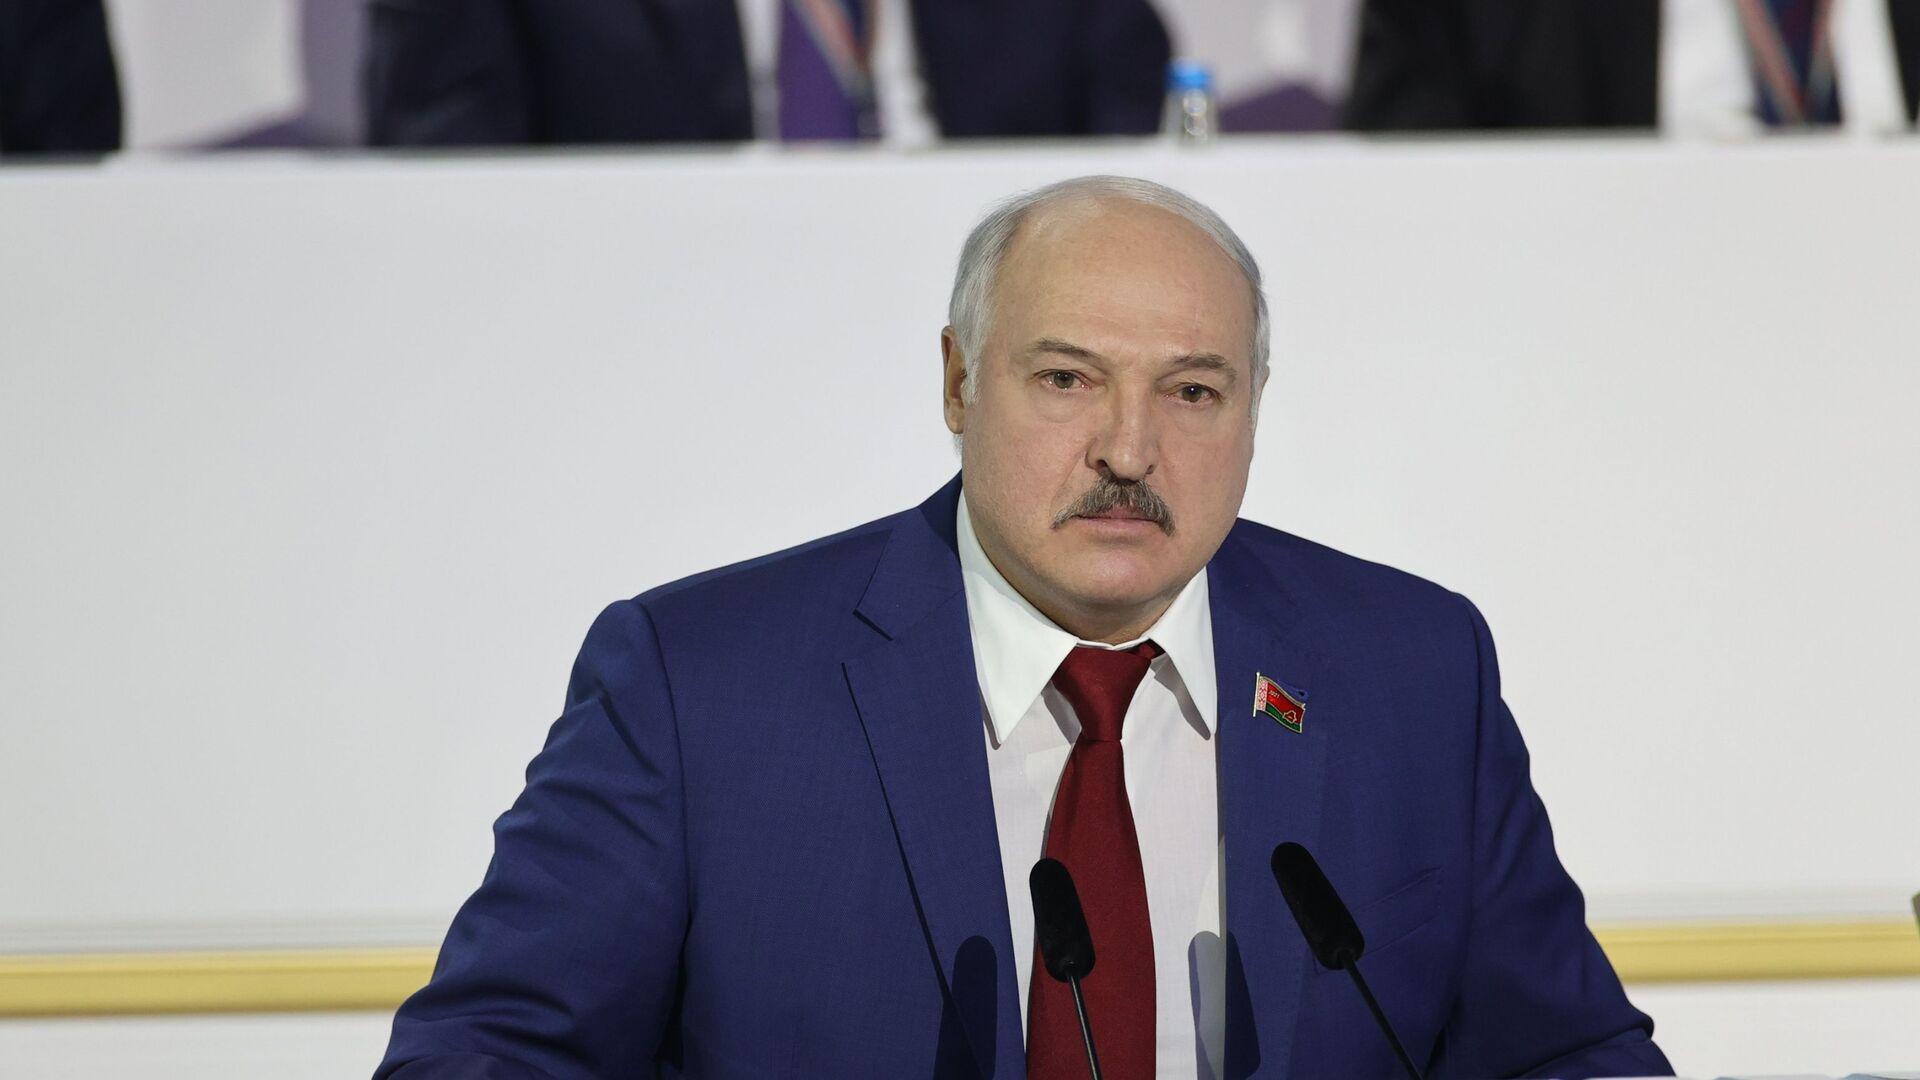 Prezydent Białorusi Aleksander Łukaszenka. - Sputnik Polska, 1920, 29.03.2021